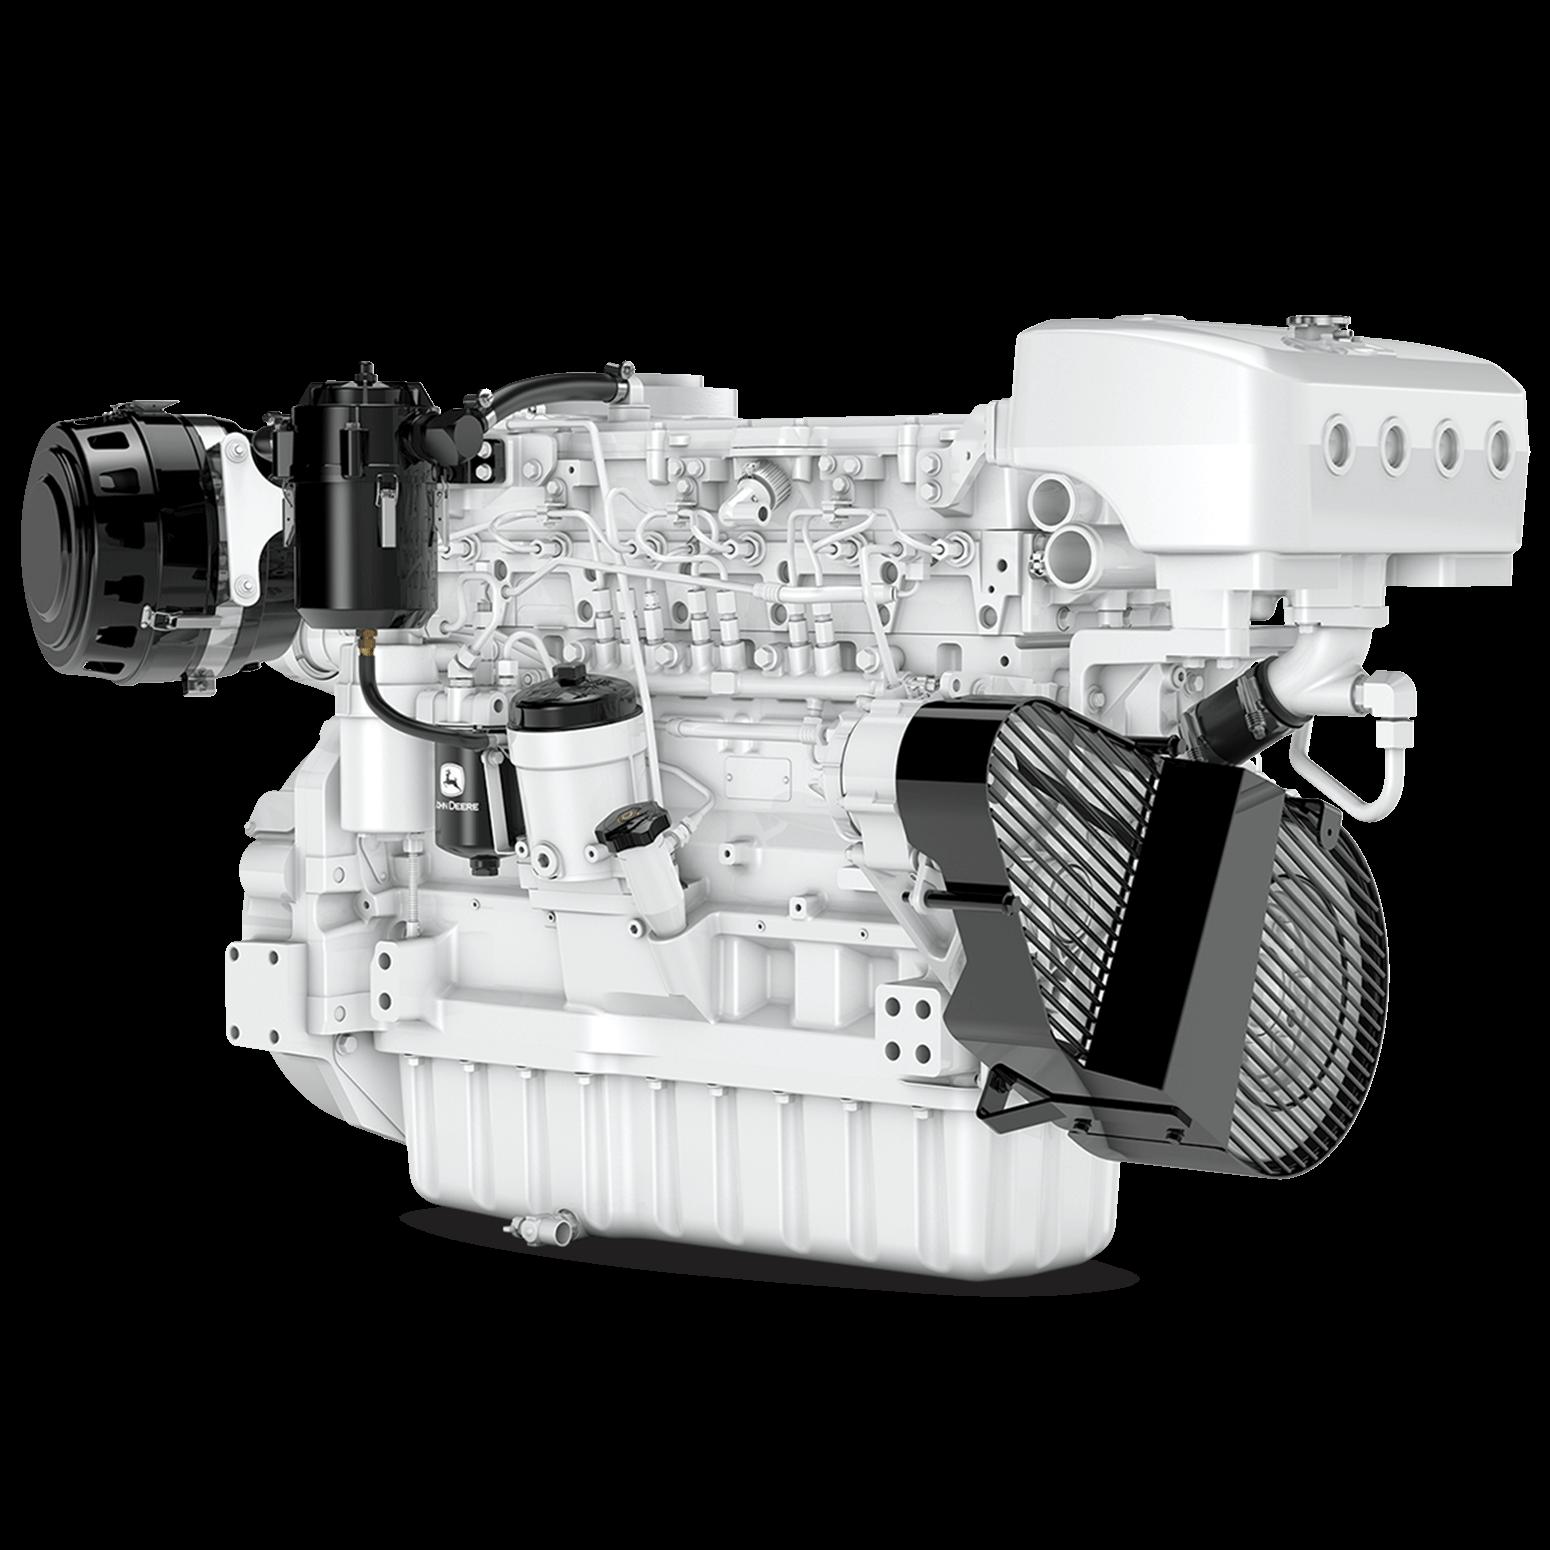 Marine Diesel Engines Recreational John Deere Uk Amp Ie